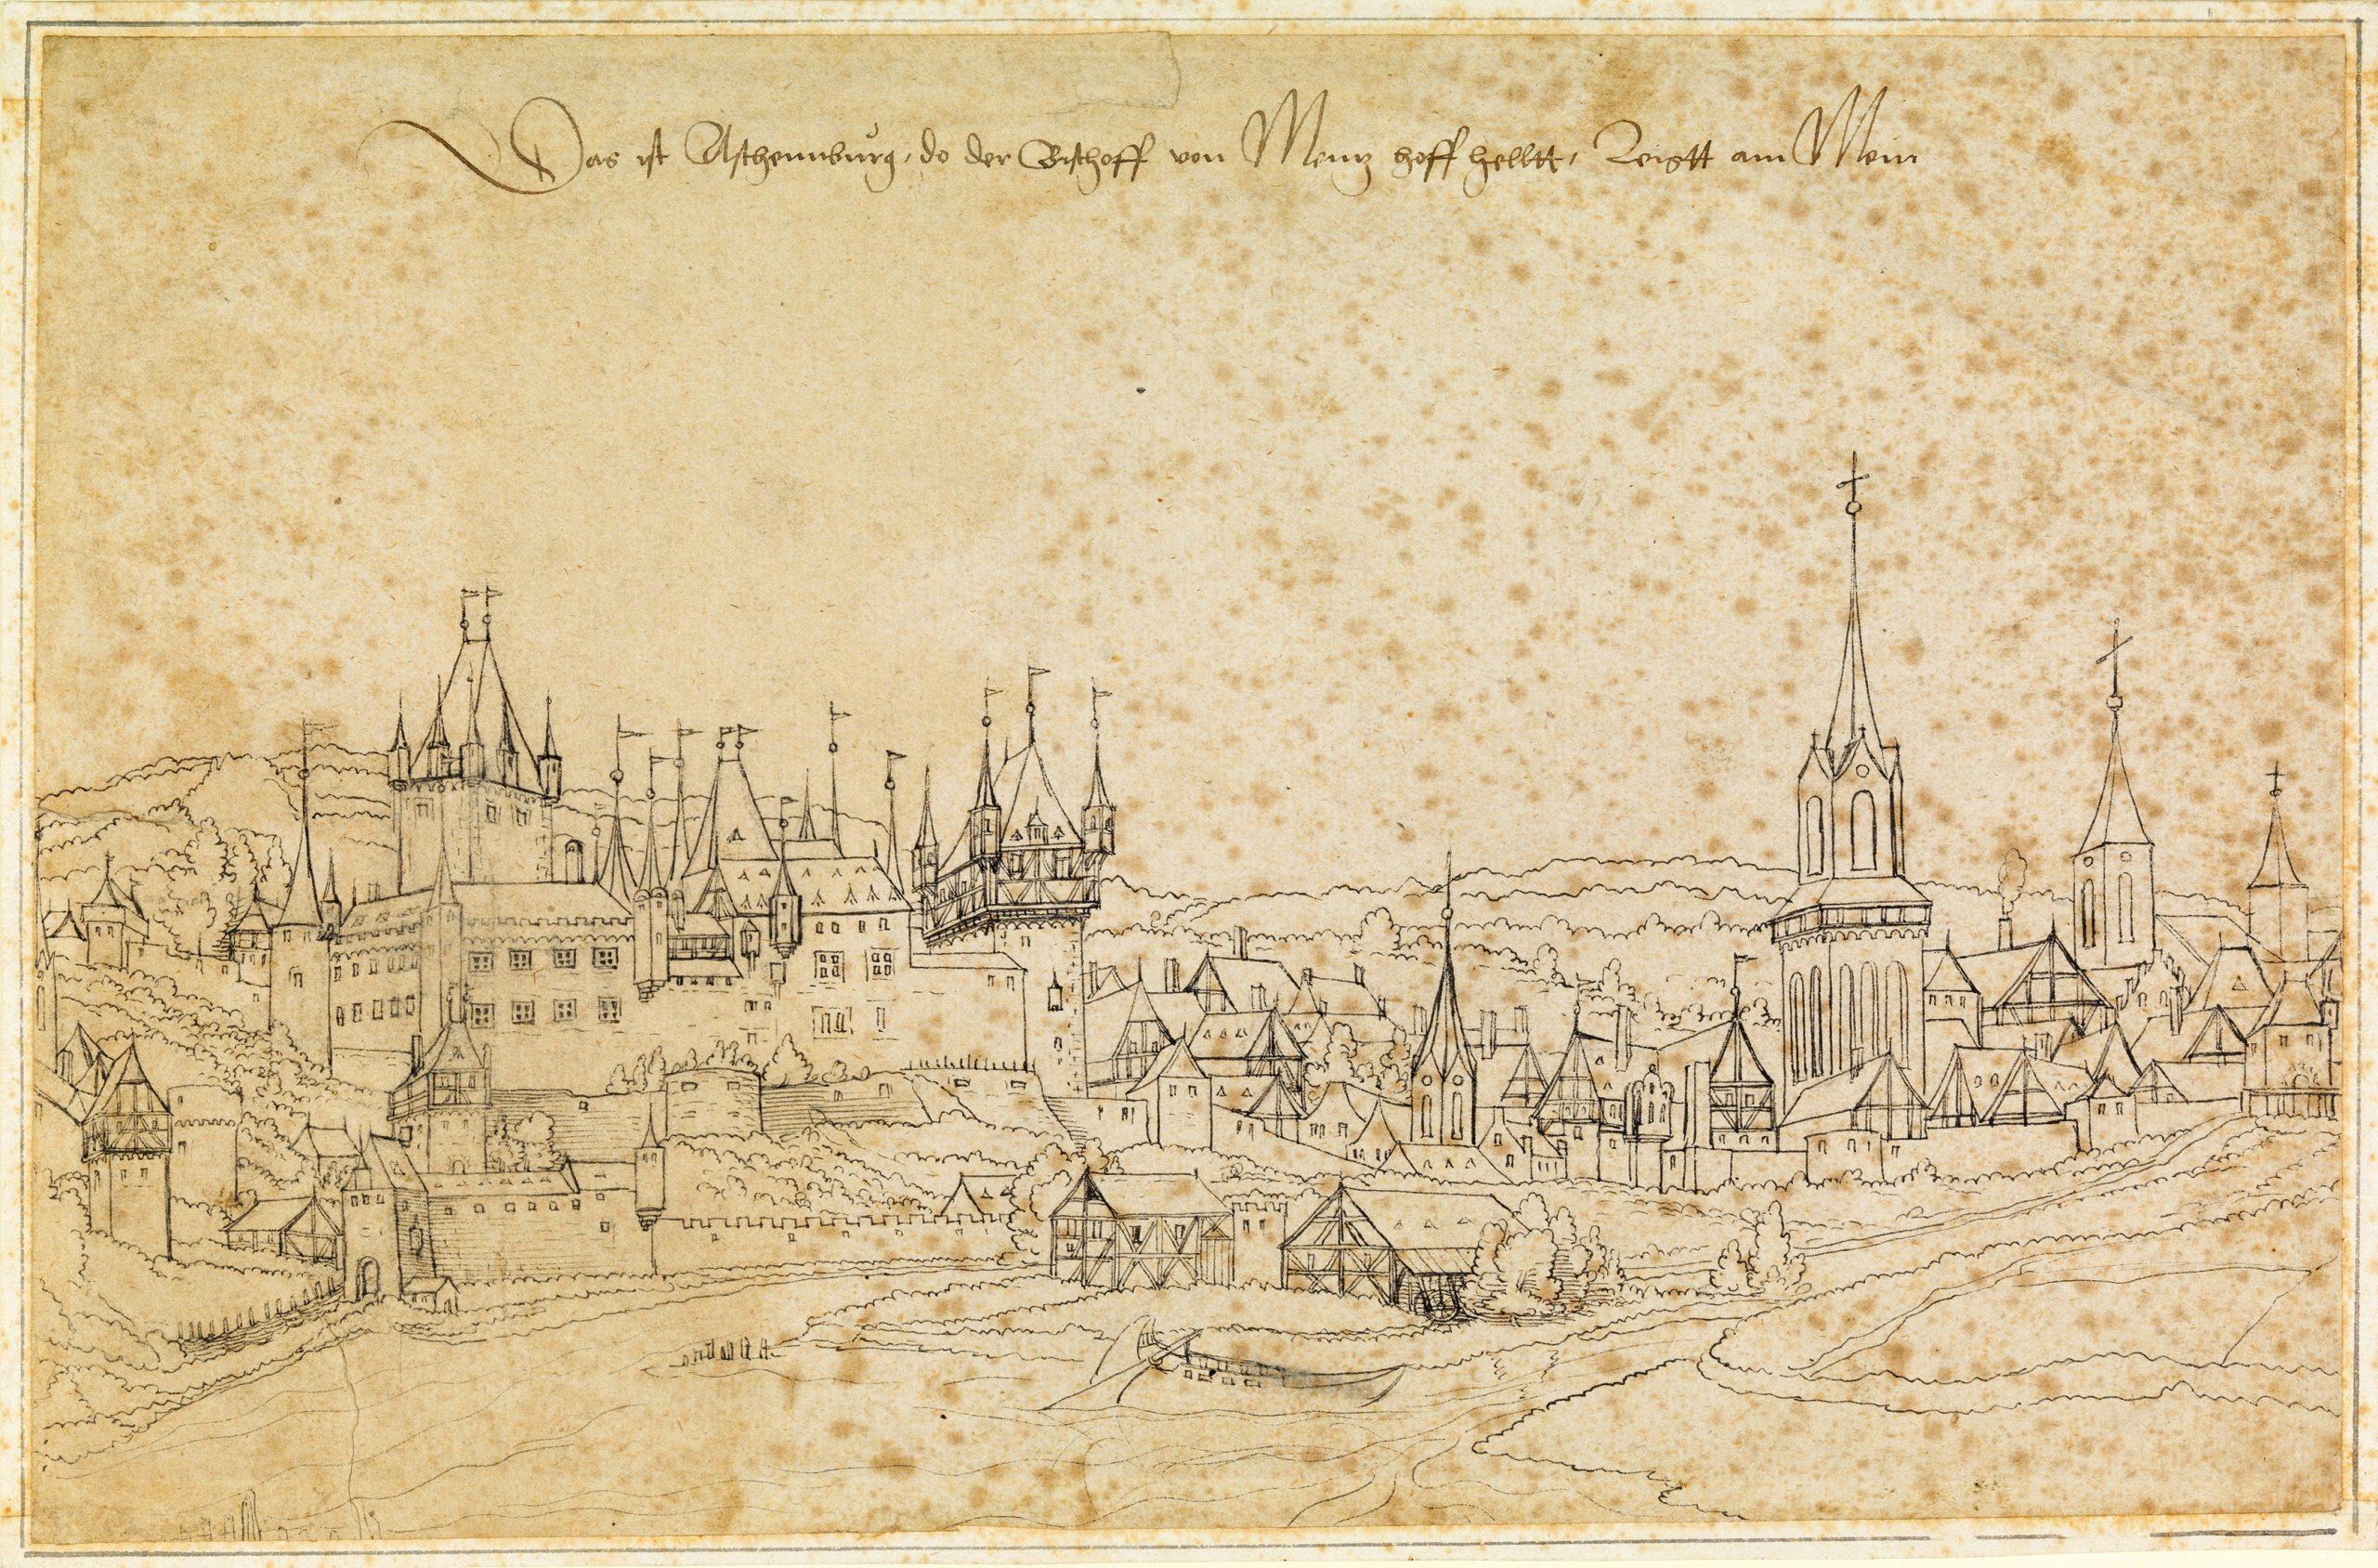 © Veit Hirsvogel d. J., Aschaffenburg mit altem Schloss, Federzeichnung, um 1540. Staatsbibliothek Bamberg, IP 99, Foto: Gerald Raab